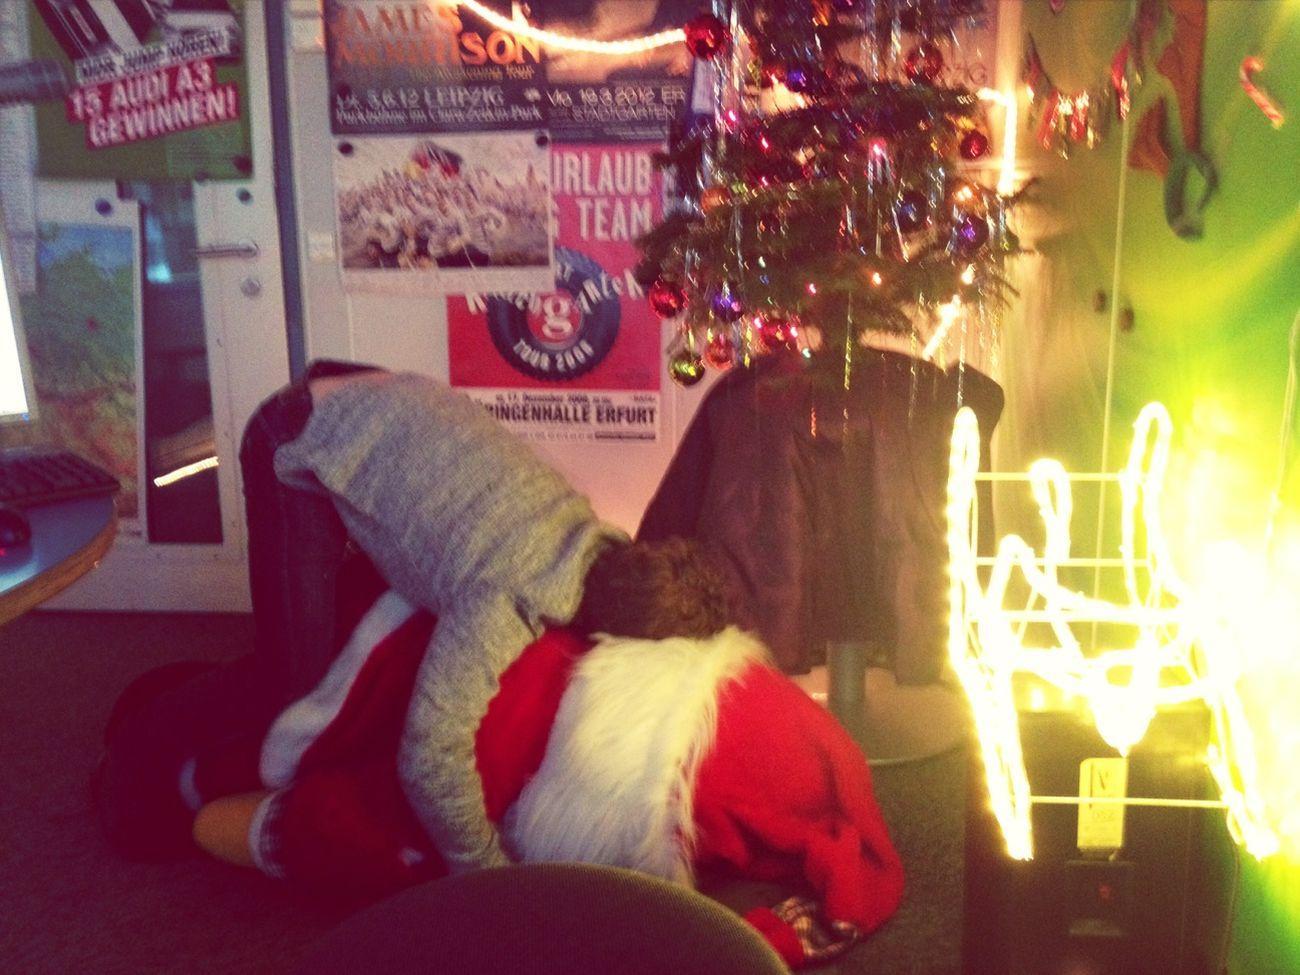 Weihnachtsmann Verspätet Sich